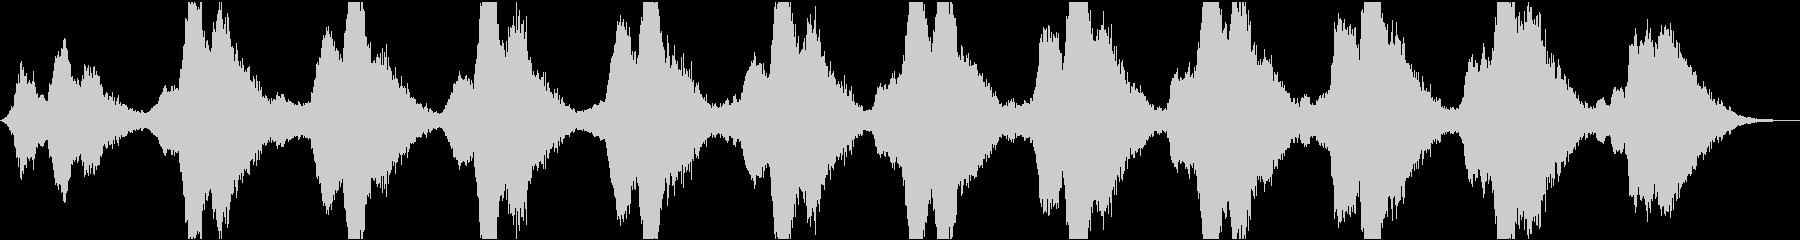 動画9 16bit44.1kHzVerの未再生の波形